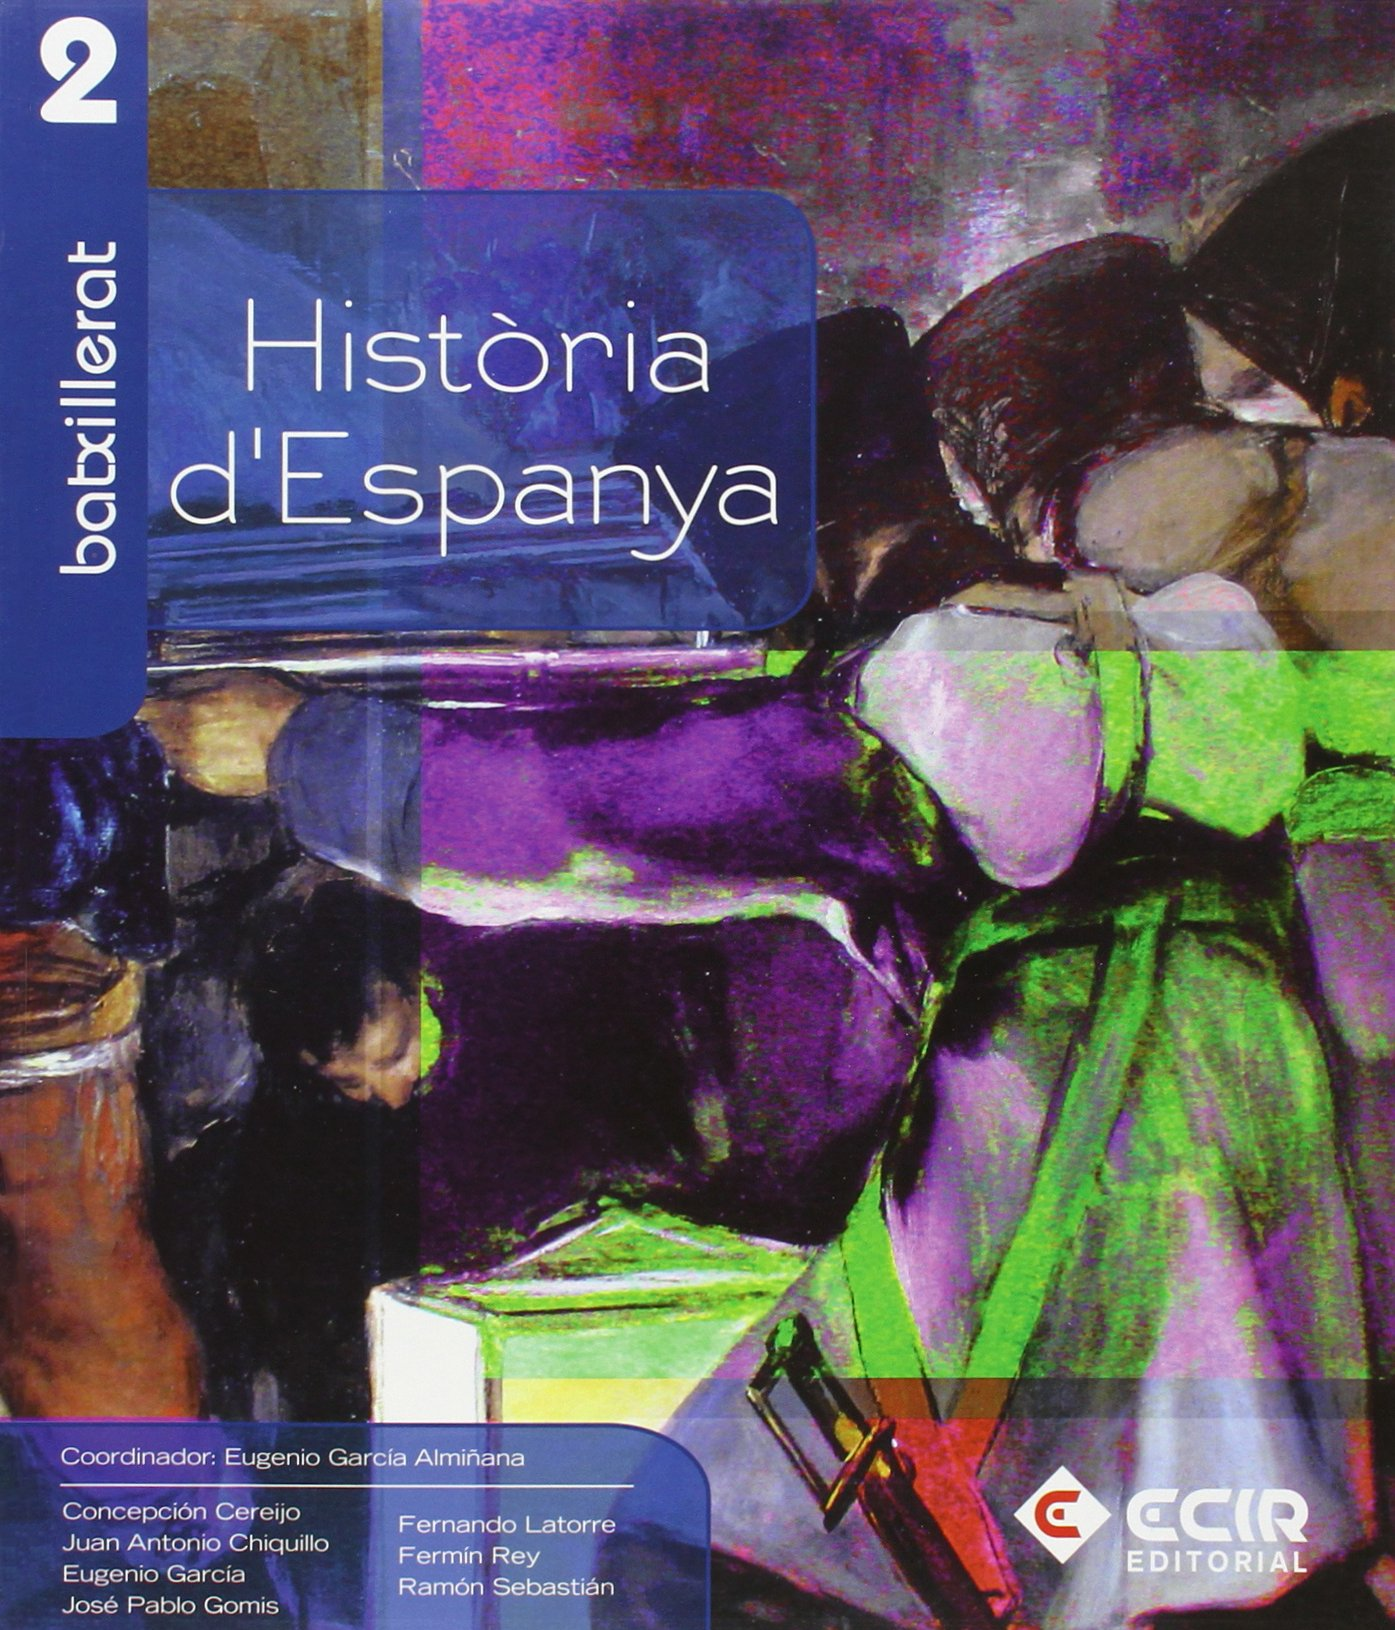 Història 2n Batxillerat/ 2009 - Valencià - 9788498264814: Amazon.es: García Almiñana, Eugenio, García Almiñana, Eugenio: Libros en idiomas extranjeros